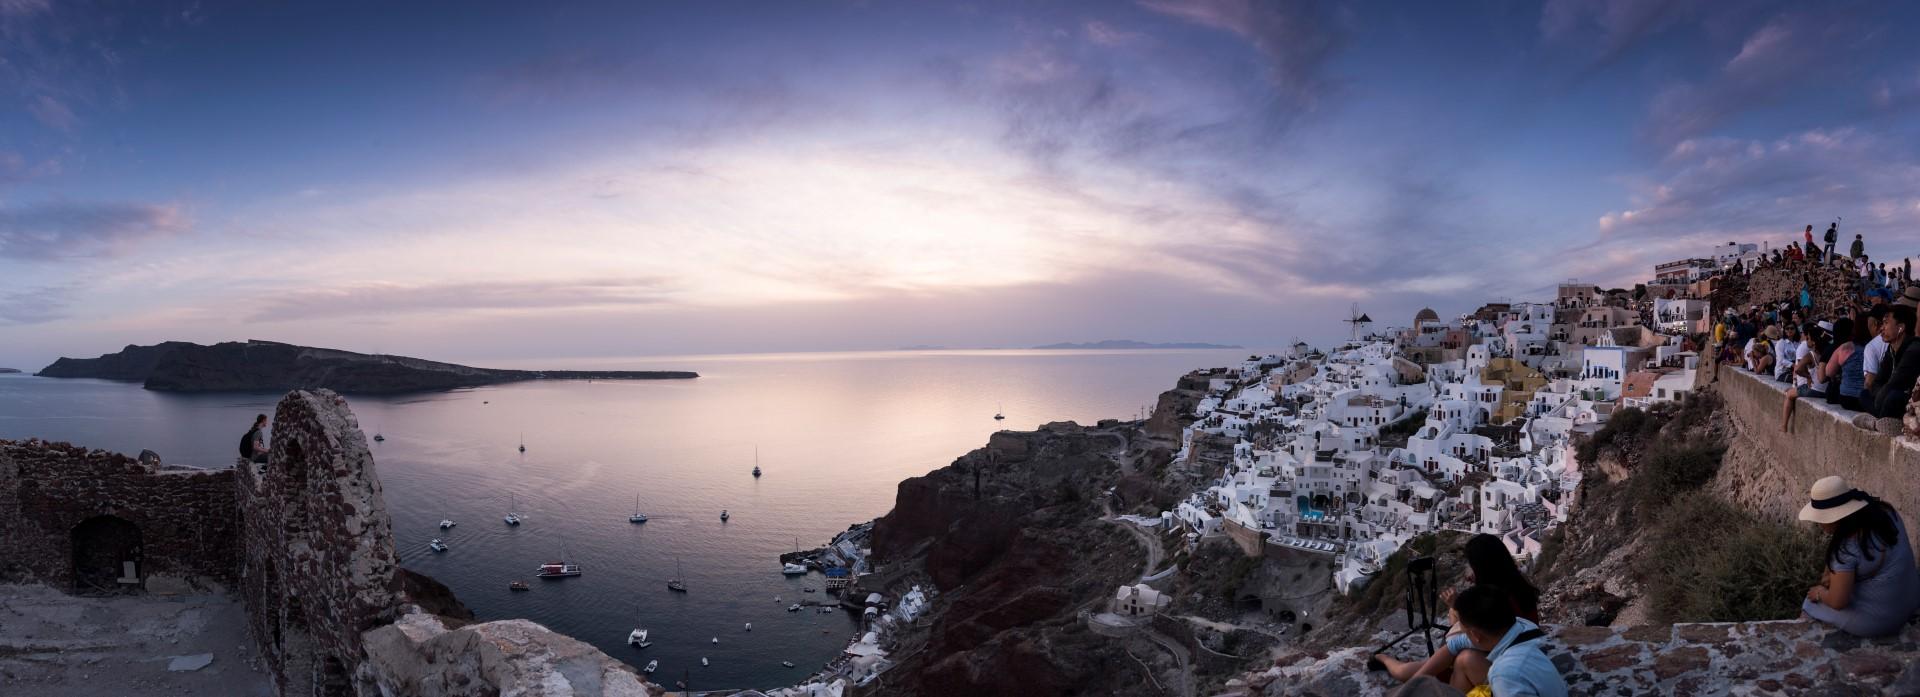 """8 μέρες / 7 νύκτες """"Ειδυλλιακό Αιγαίο"""" Κουσάντασι-Ρόδος-Άγιος Νικόλαος-Σαντορίνη-Μήλος-Μύκονος-Πειραιάς 2021-2022 13"""